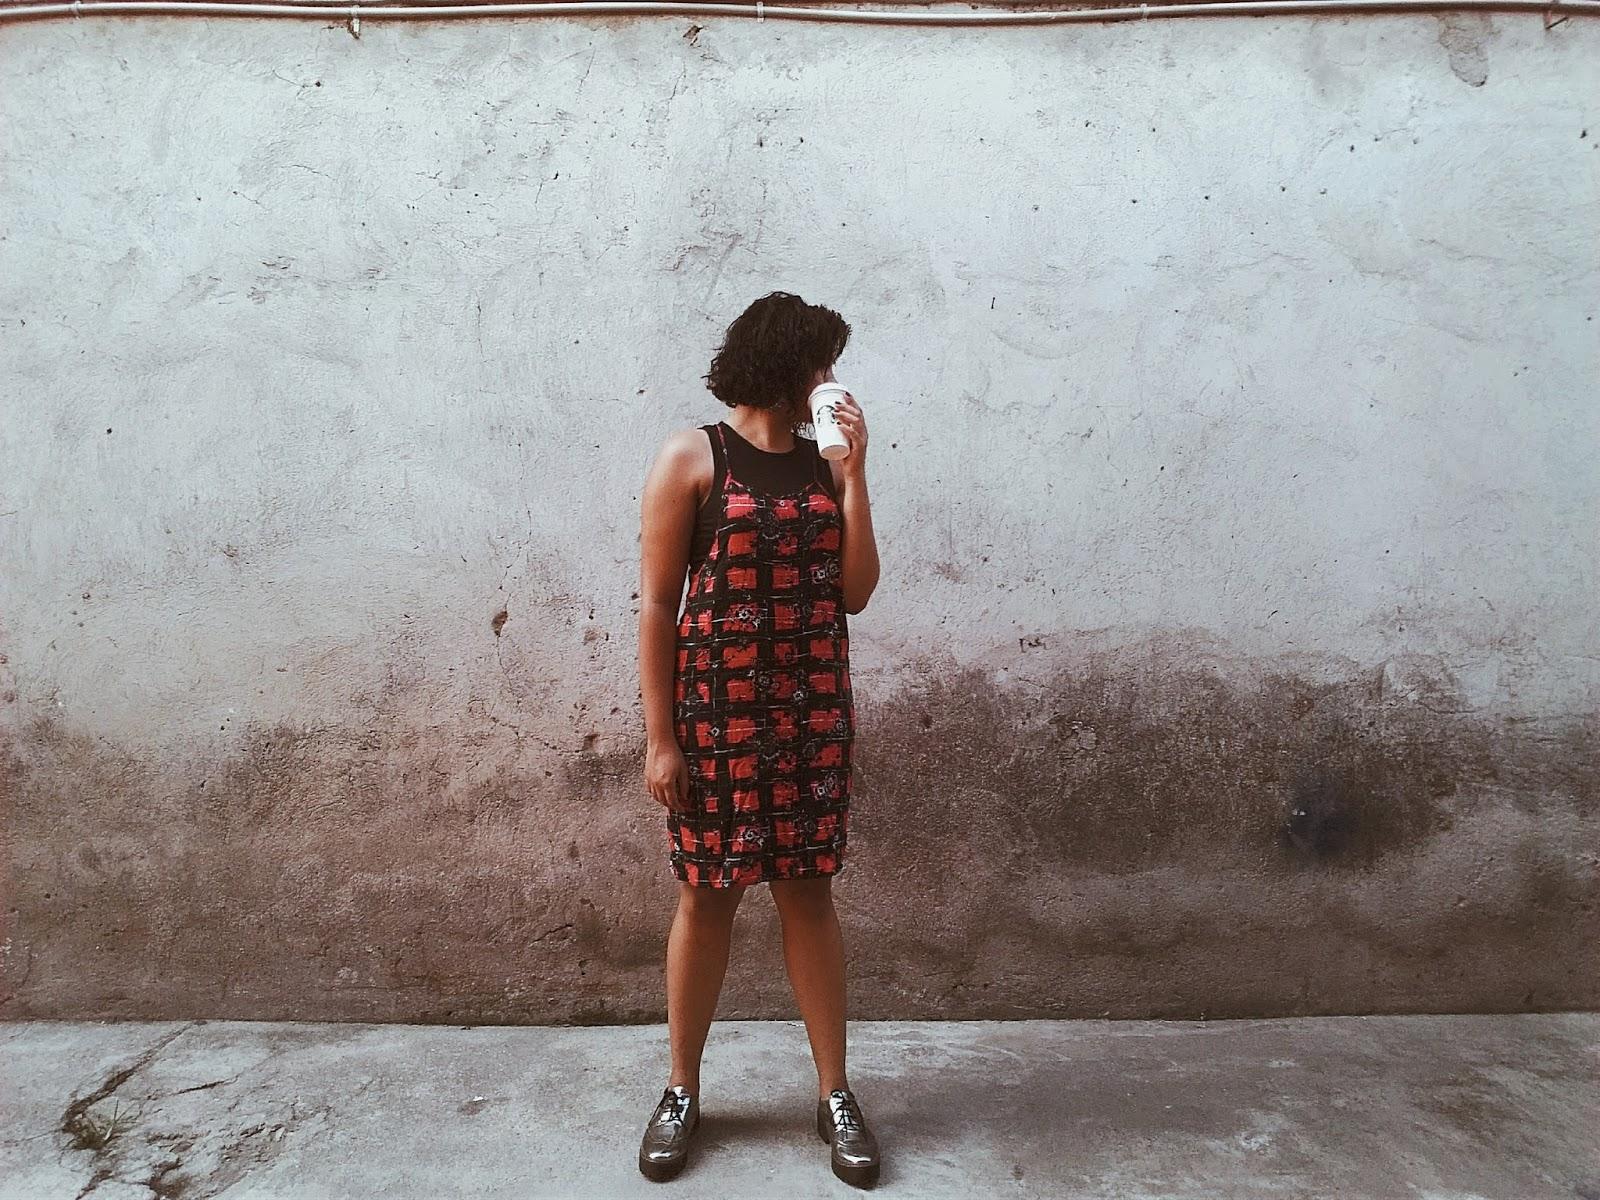 MODA VICHY :: VESTIDO COM ESTAMPA DE PIQUENIQUE | BLOG CONFIDENT POR LETÍCIA CAETANO